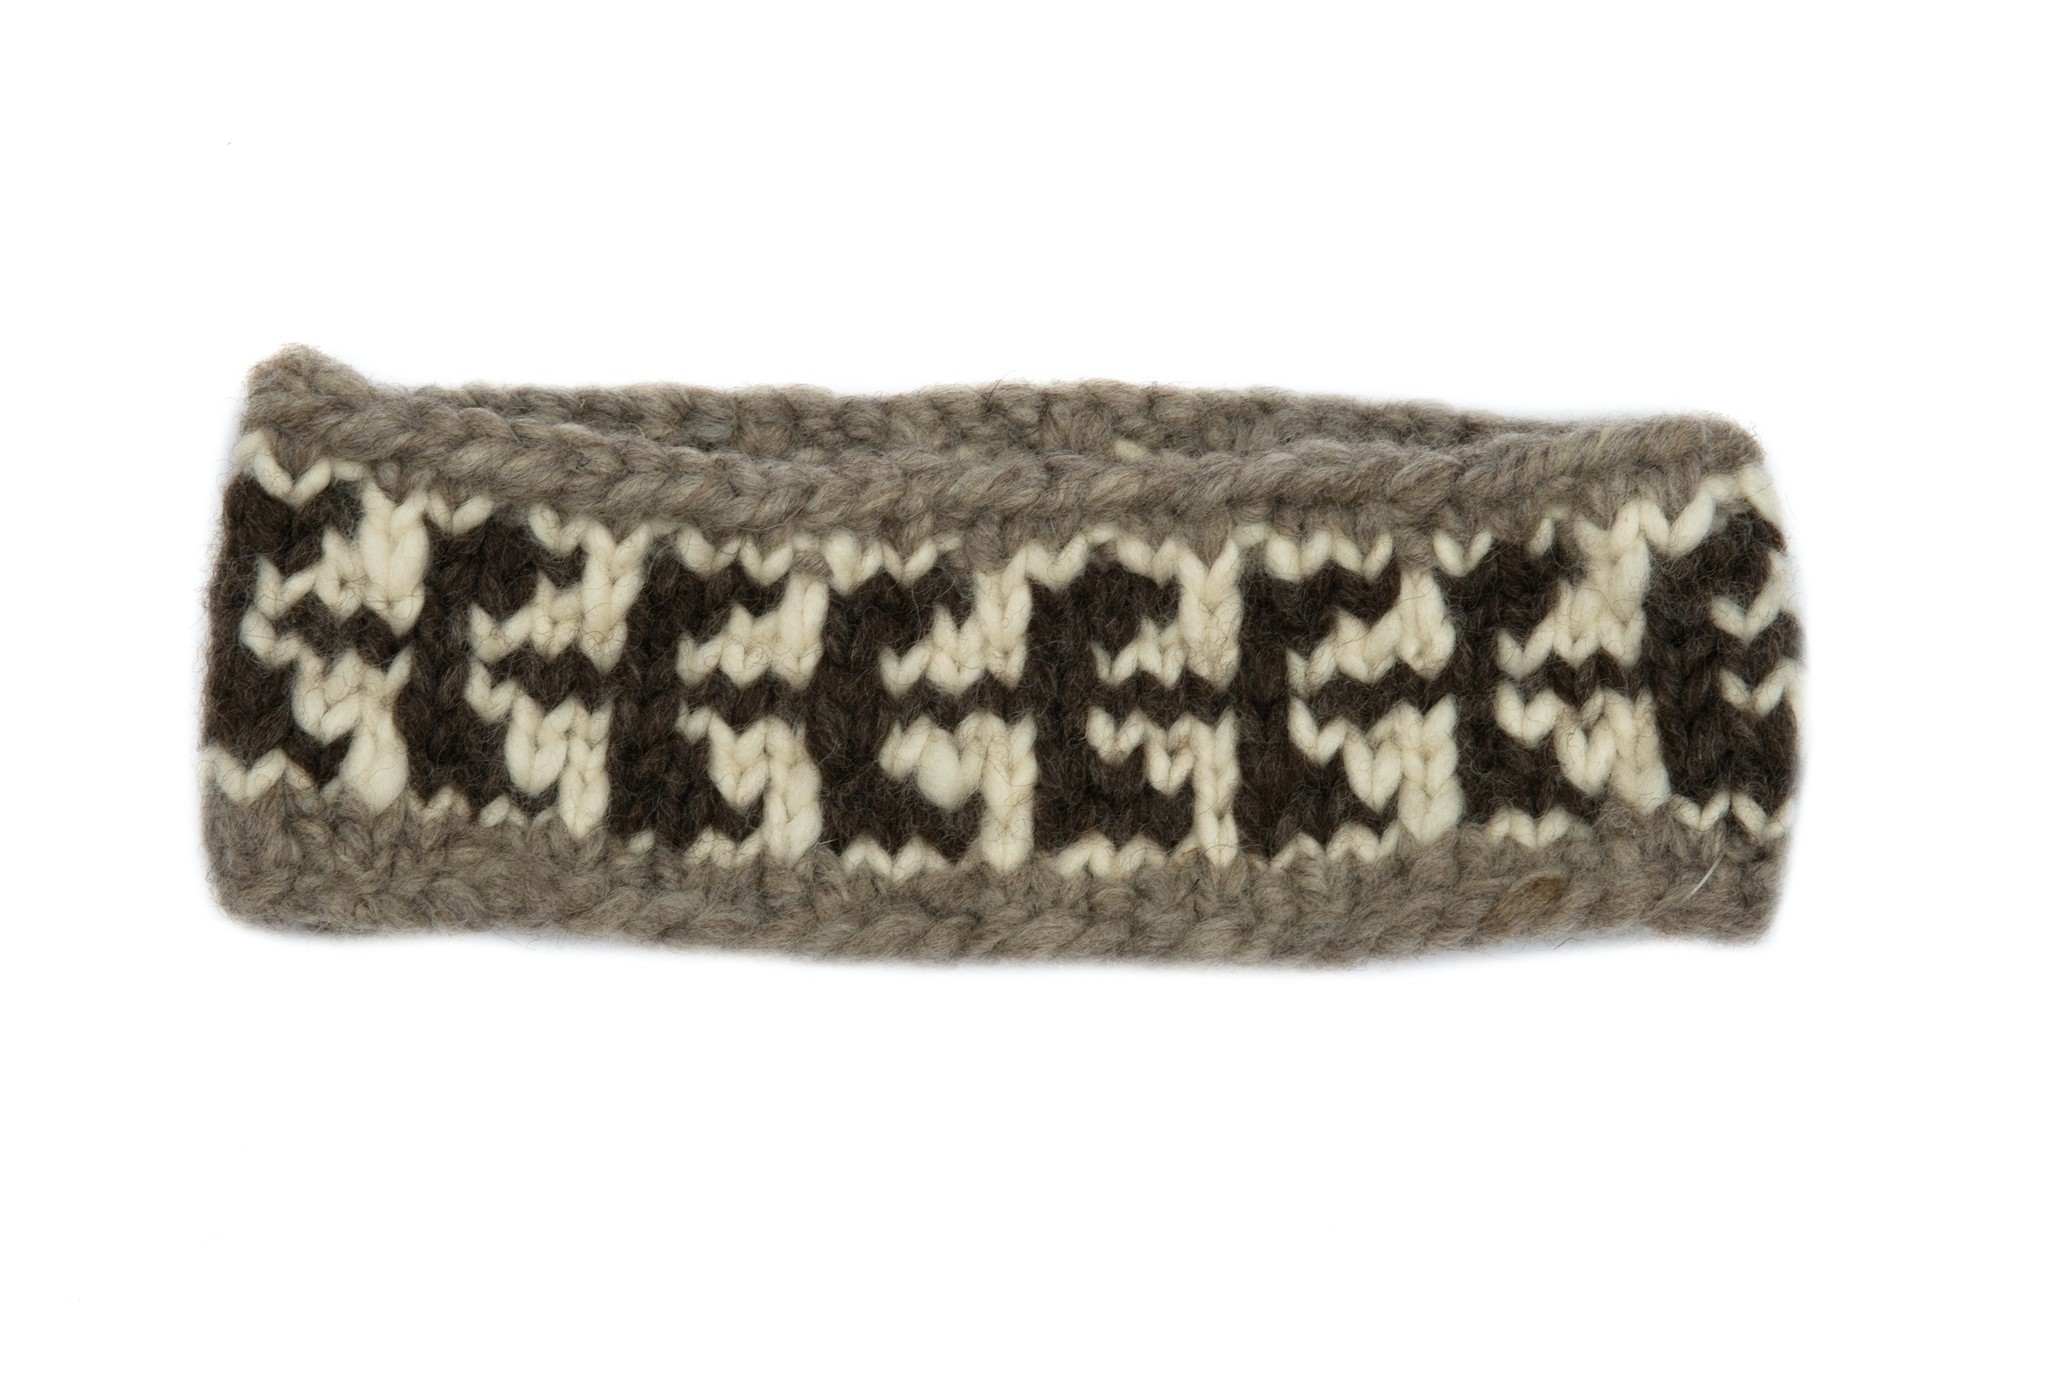 Cowichan Knit Headband